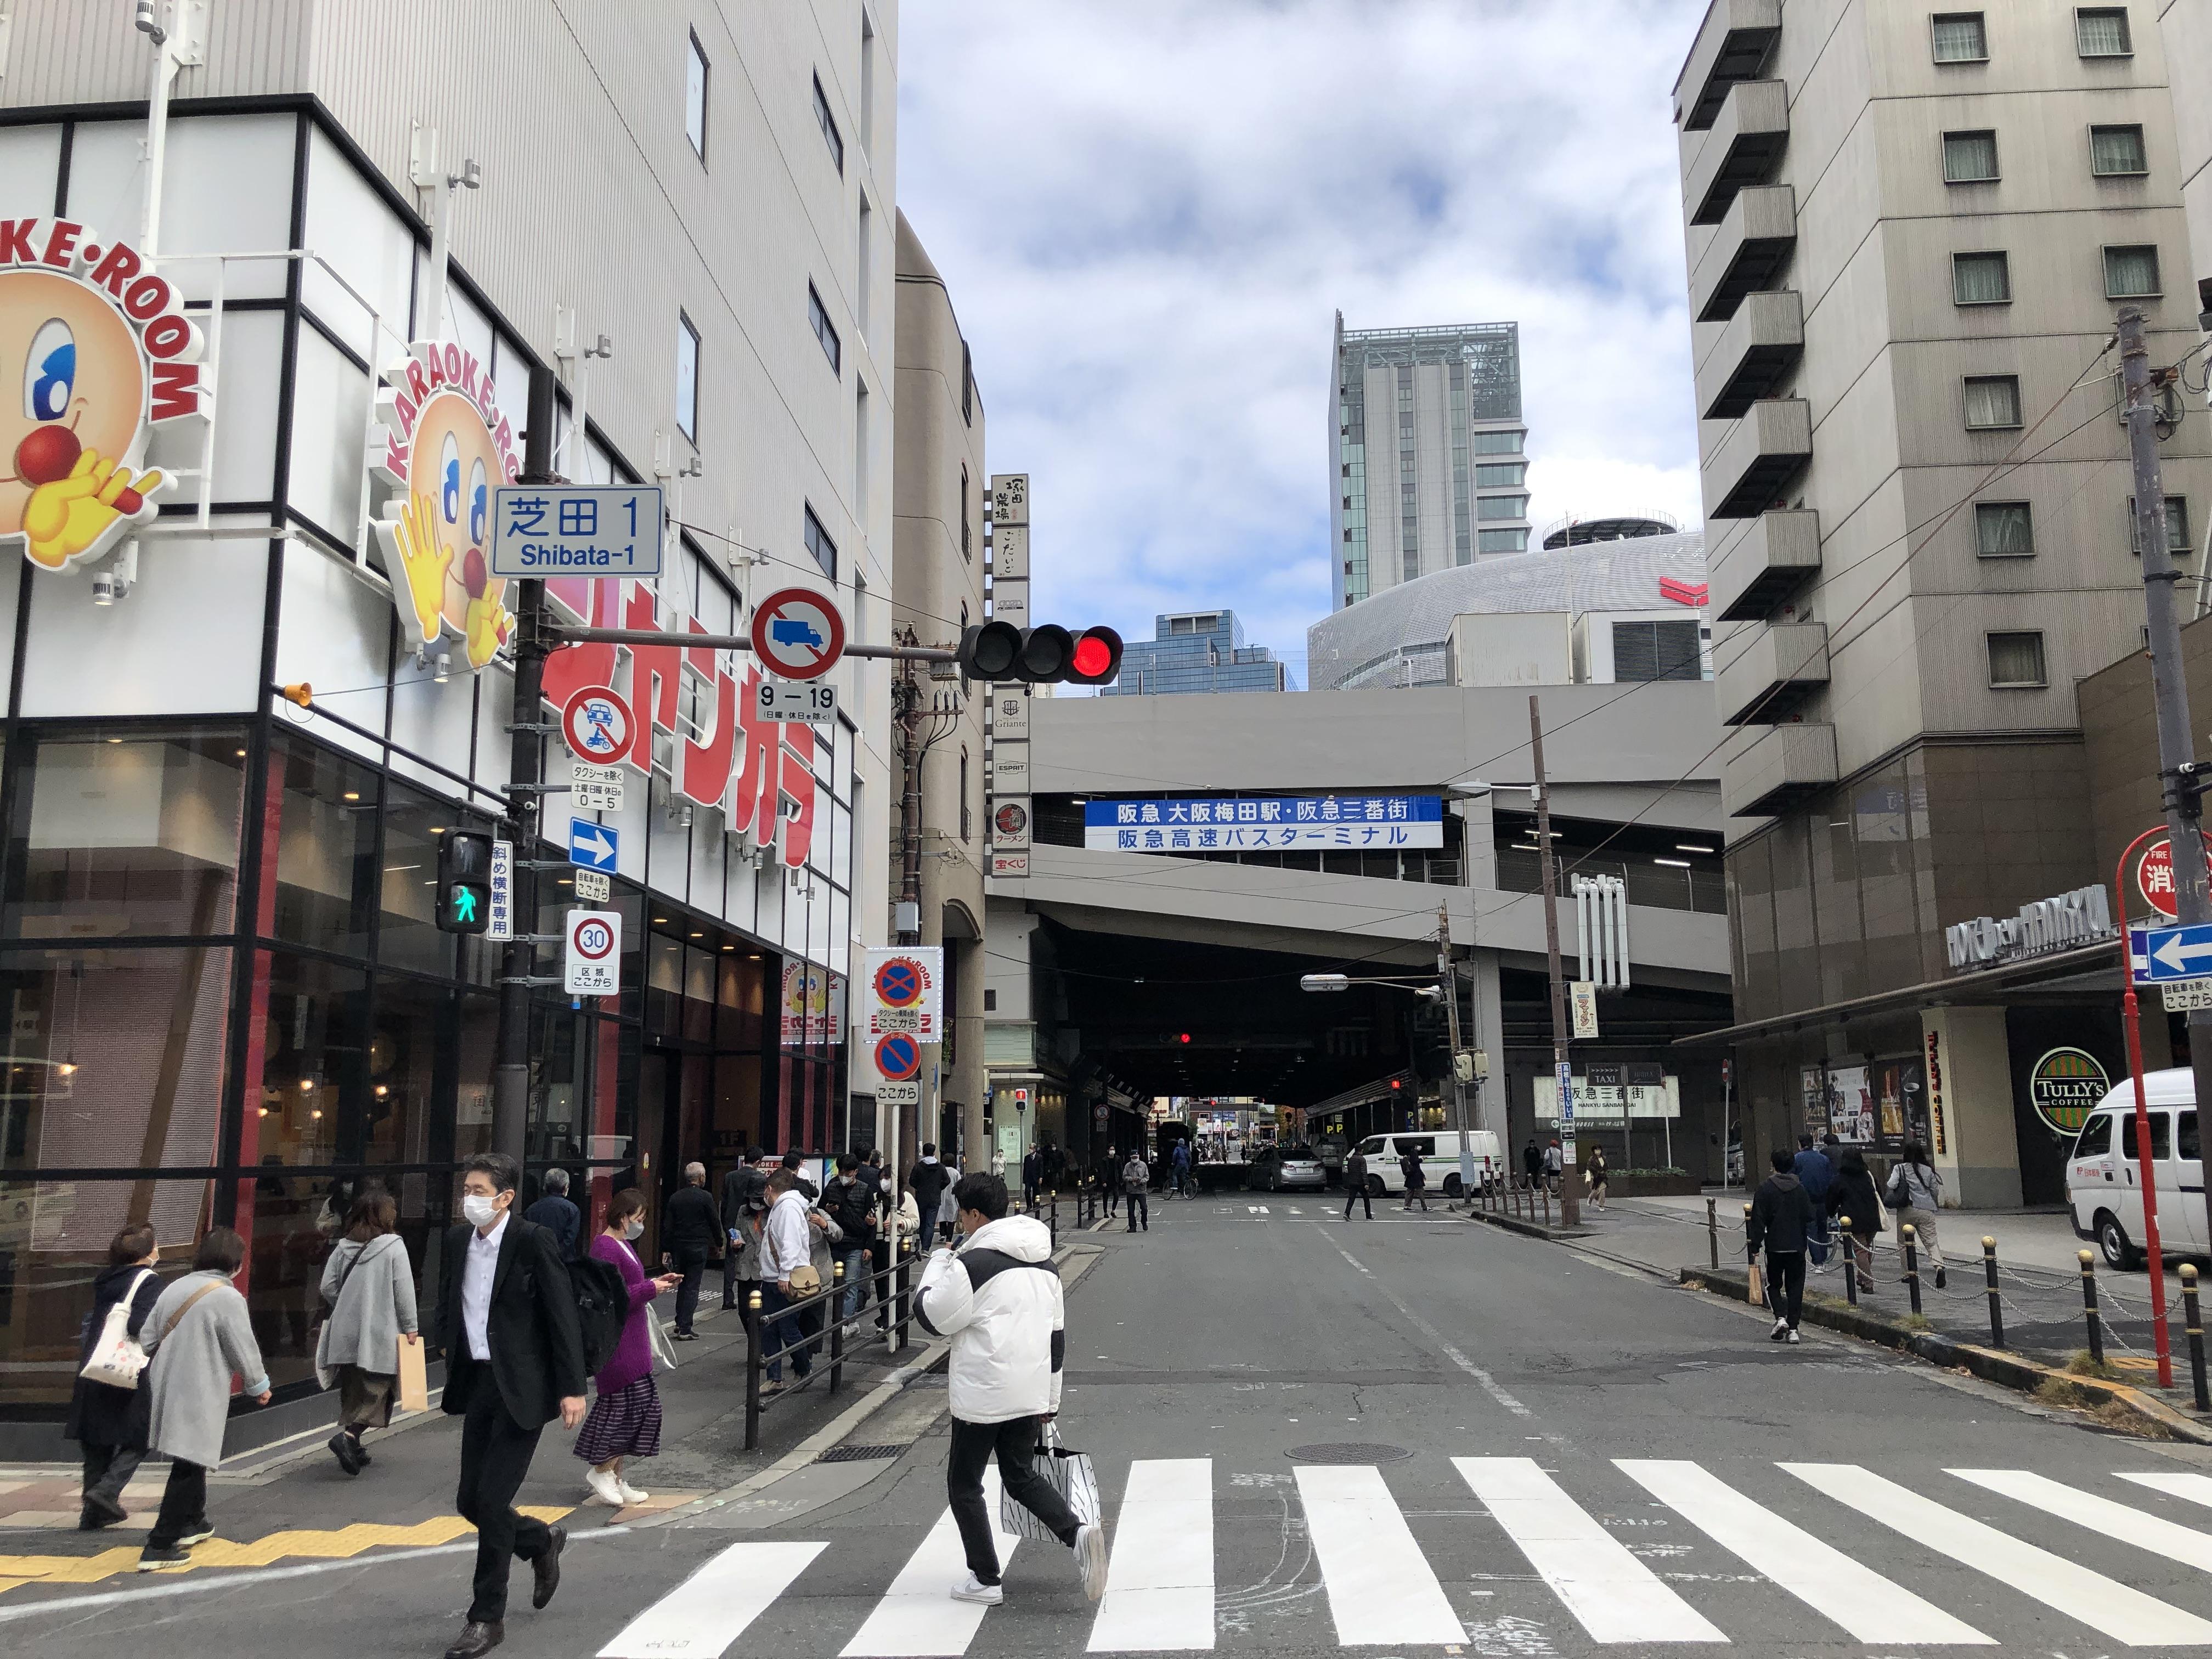 メンズライフクリニック 大阪・梅田へのアクセス